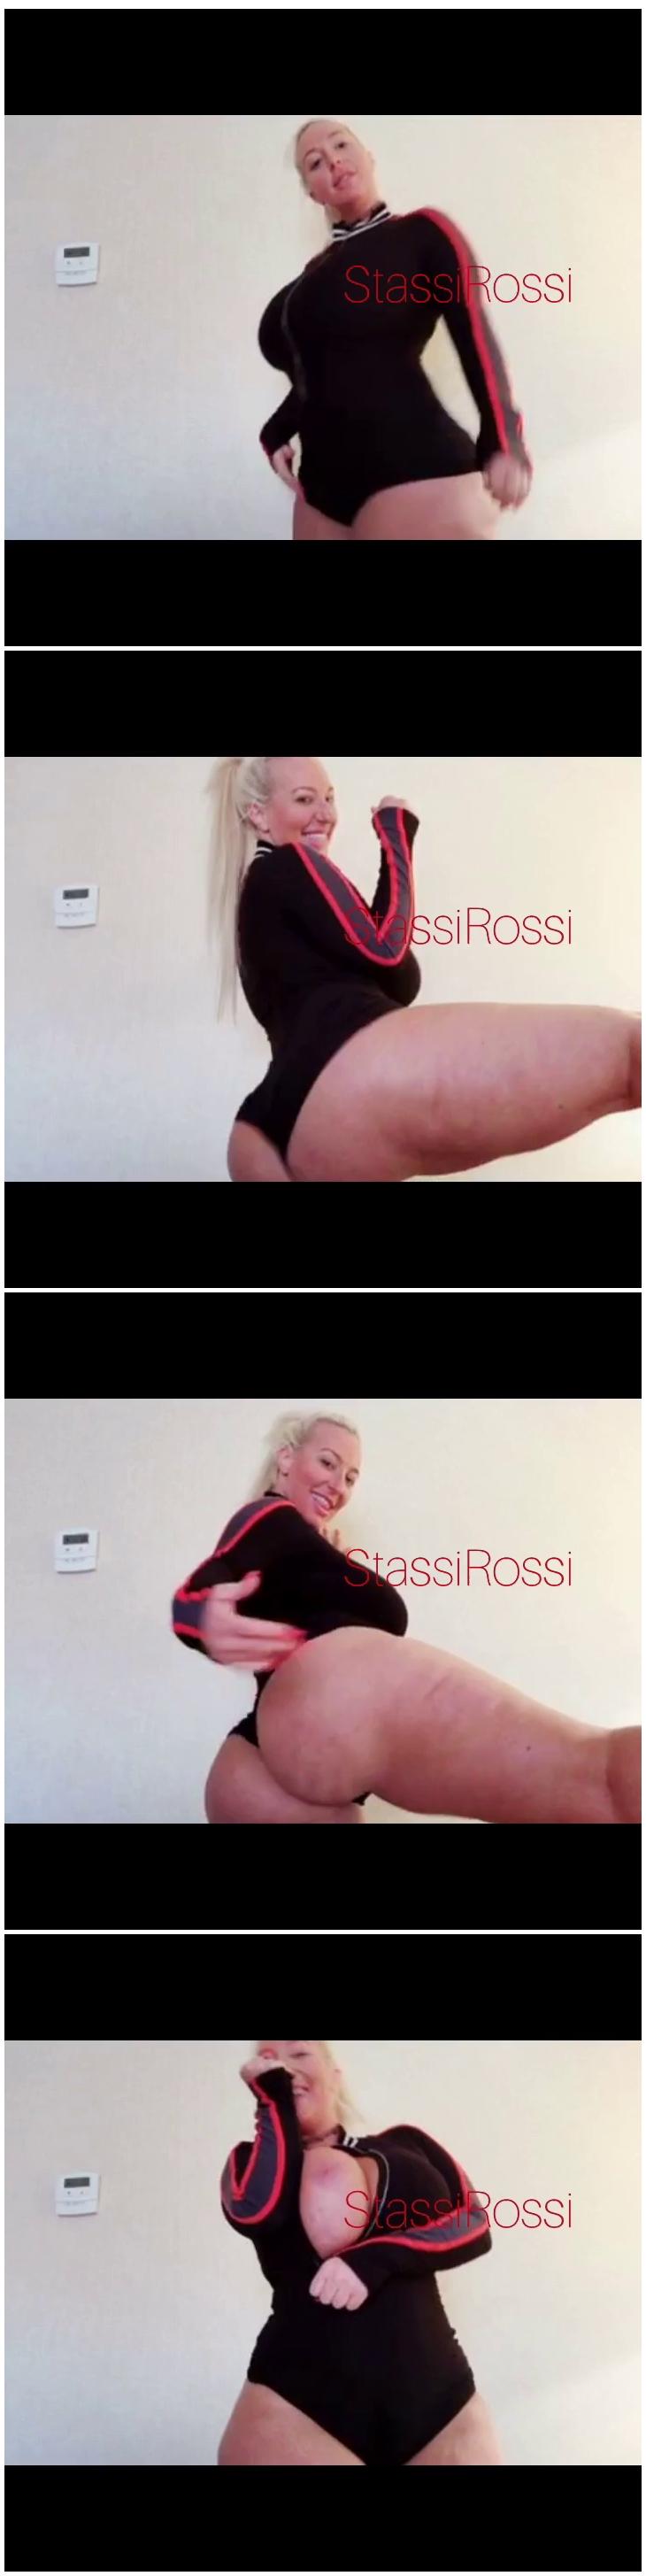 StassiRossi005_cover.jpg